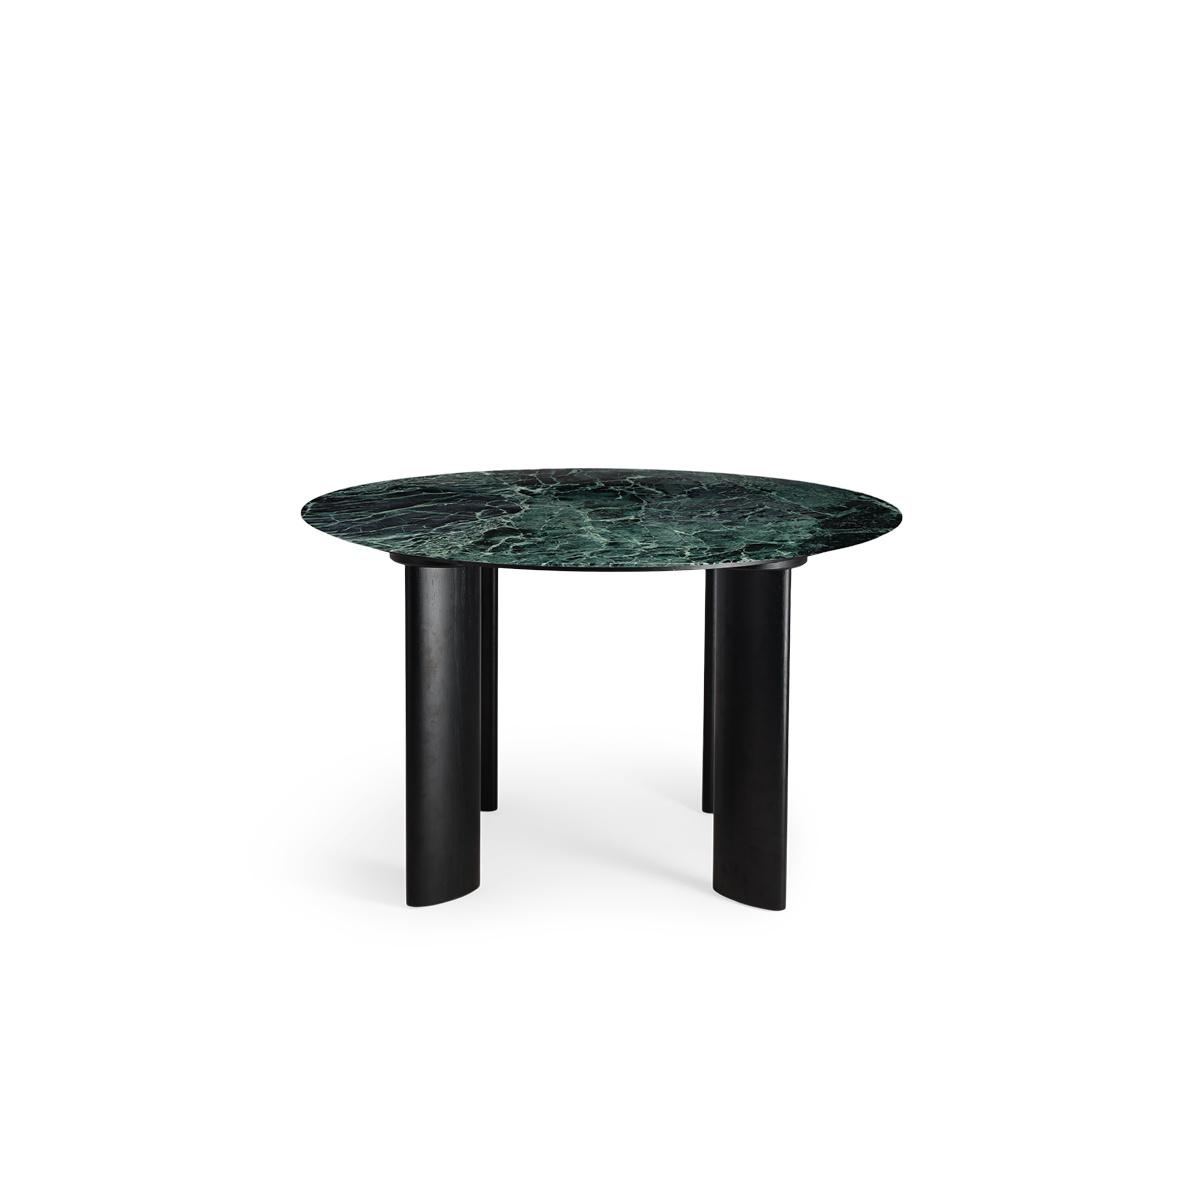 Table de salle à manger Carlotta Alta marbre vert et pieds noirs - 4 places